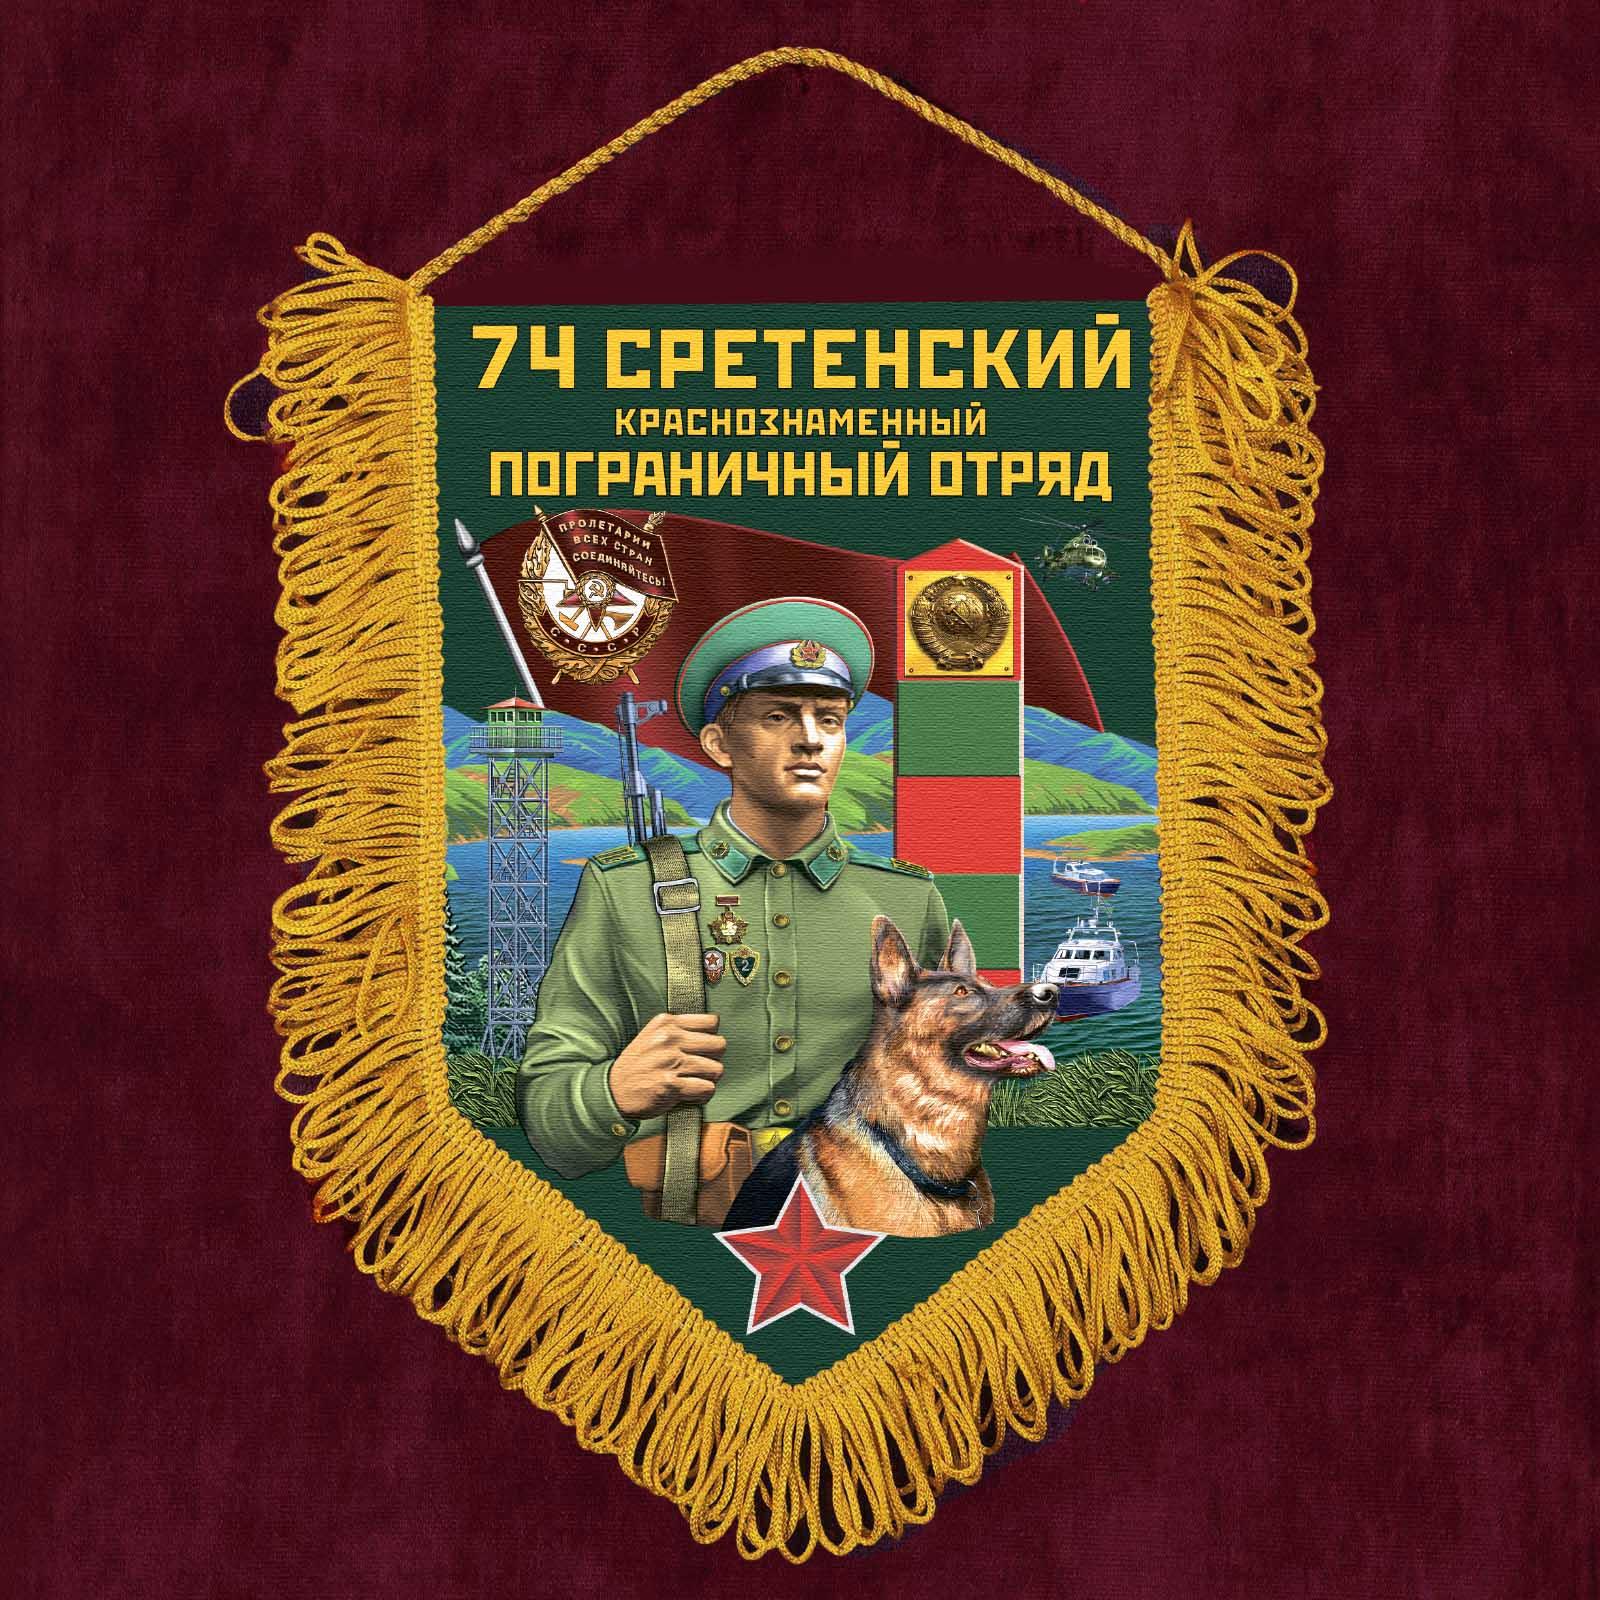 Подарочный вымпел 74 Сретенский пограничный отряд